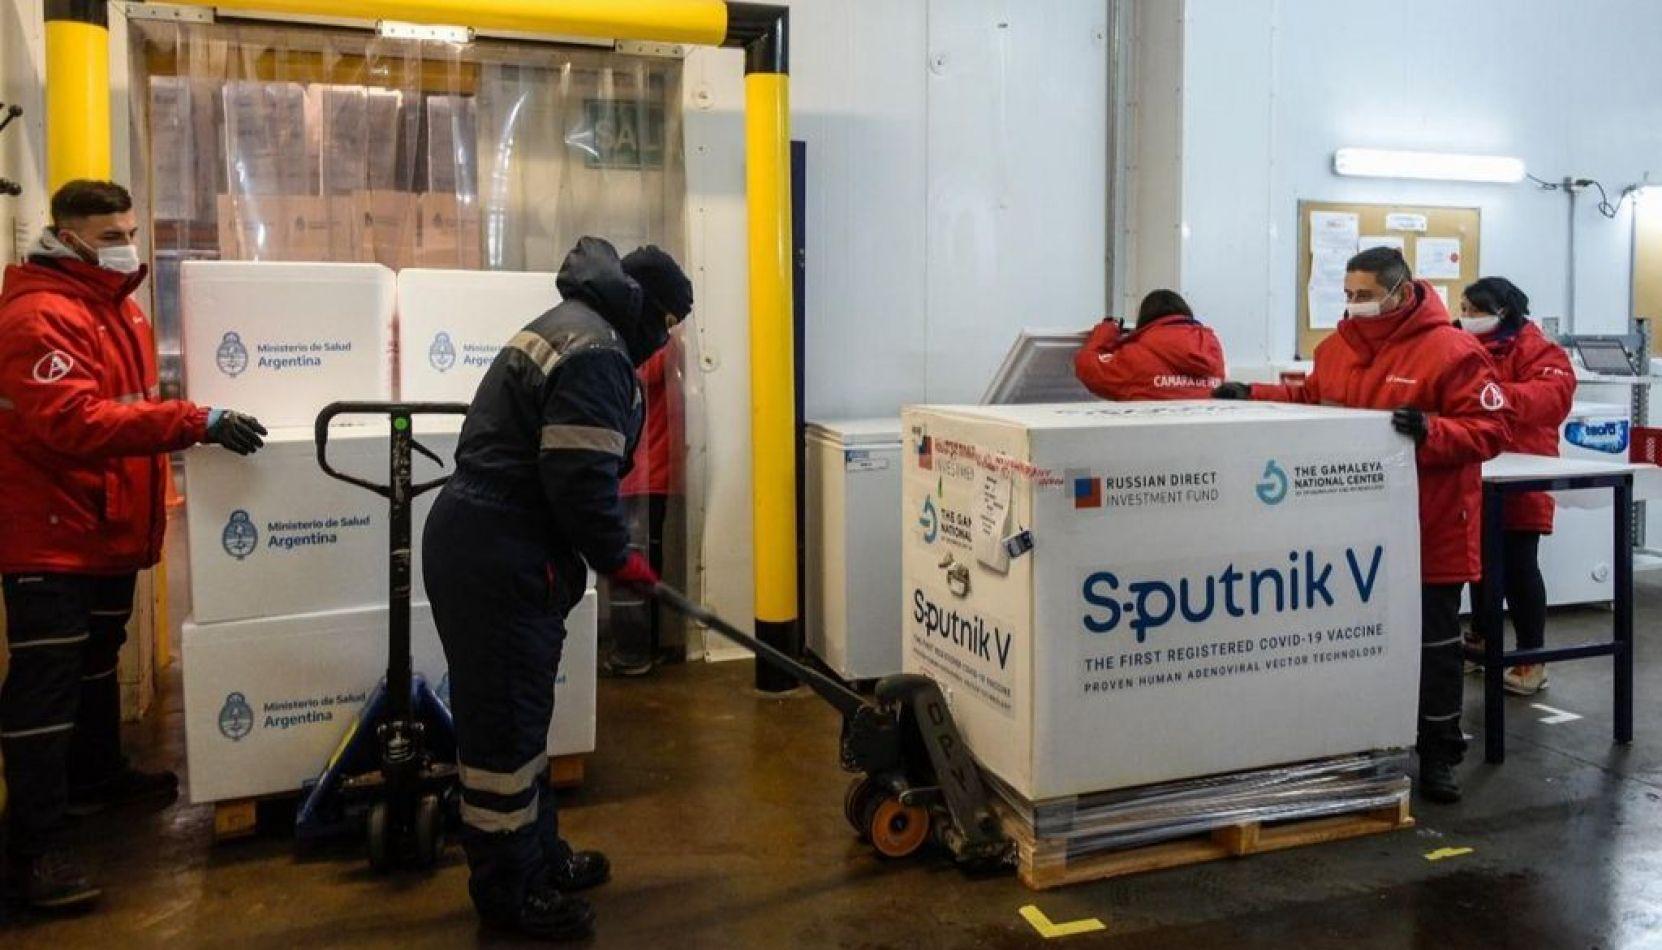 Comienza la distribución de 650.400 dosis de vacunas Sputnik V en el país: Salta recibirá 20.400